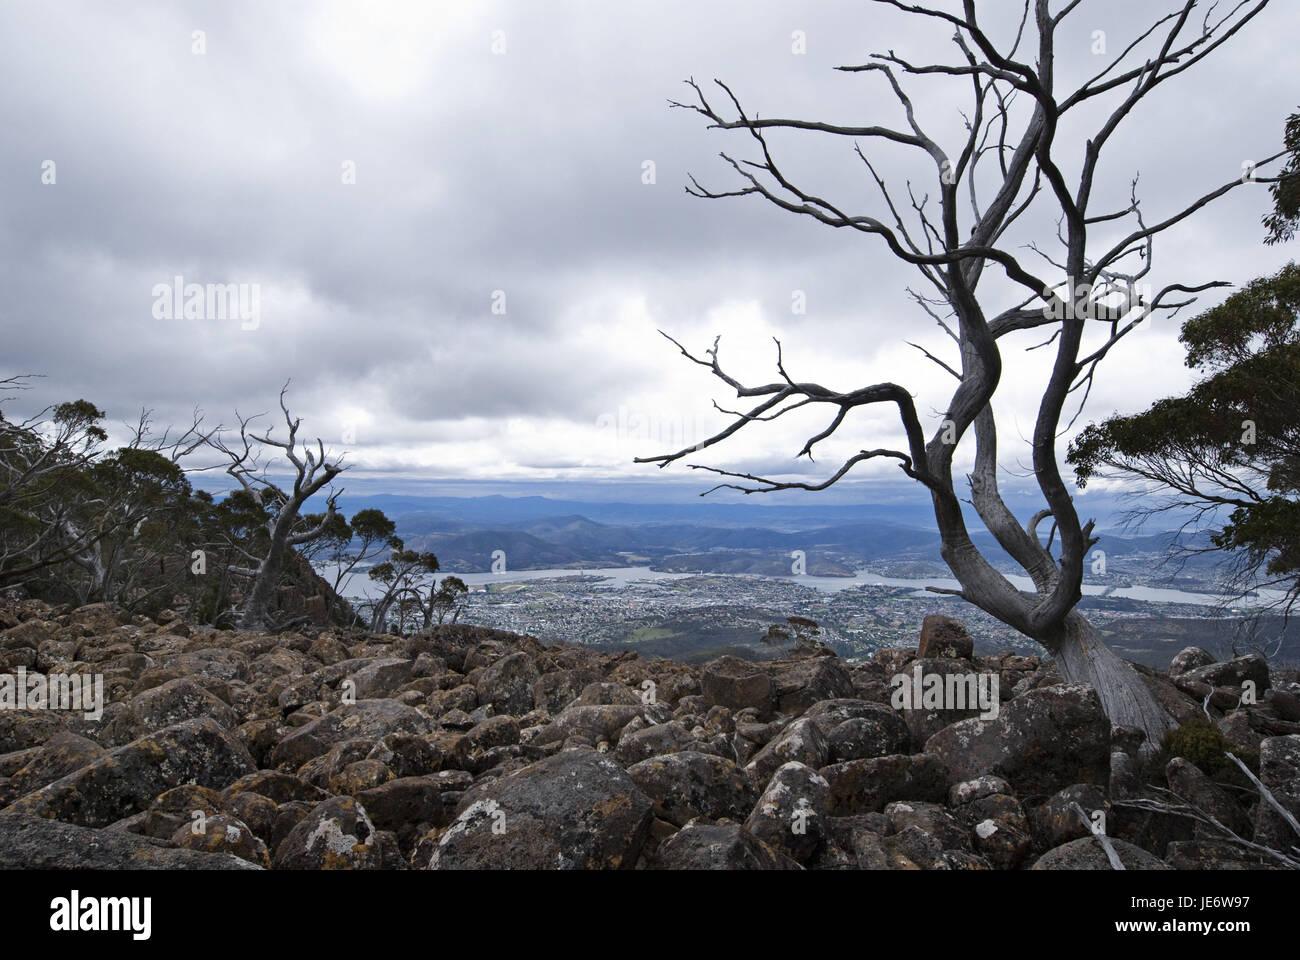 Australia, Tasmania, Hobart, Mt. Wellington, - Stock Image